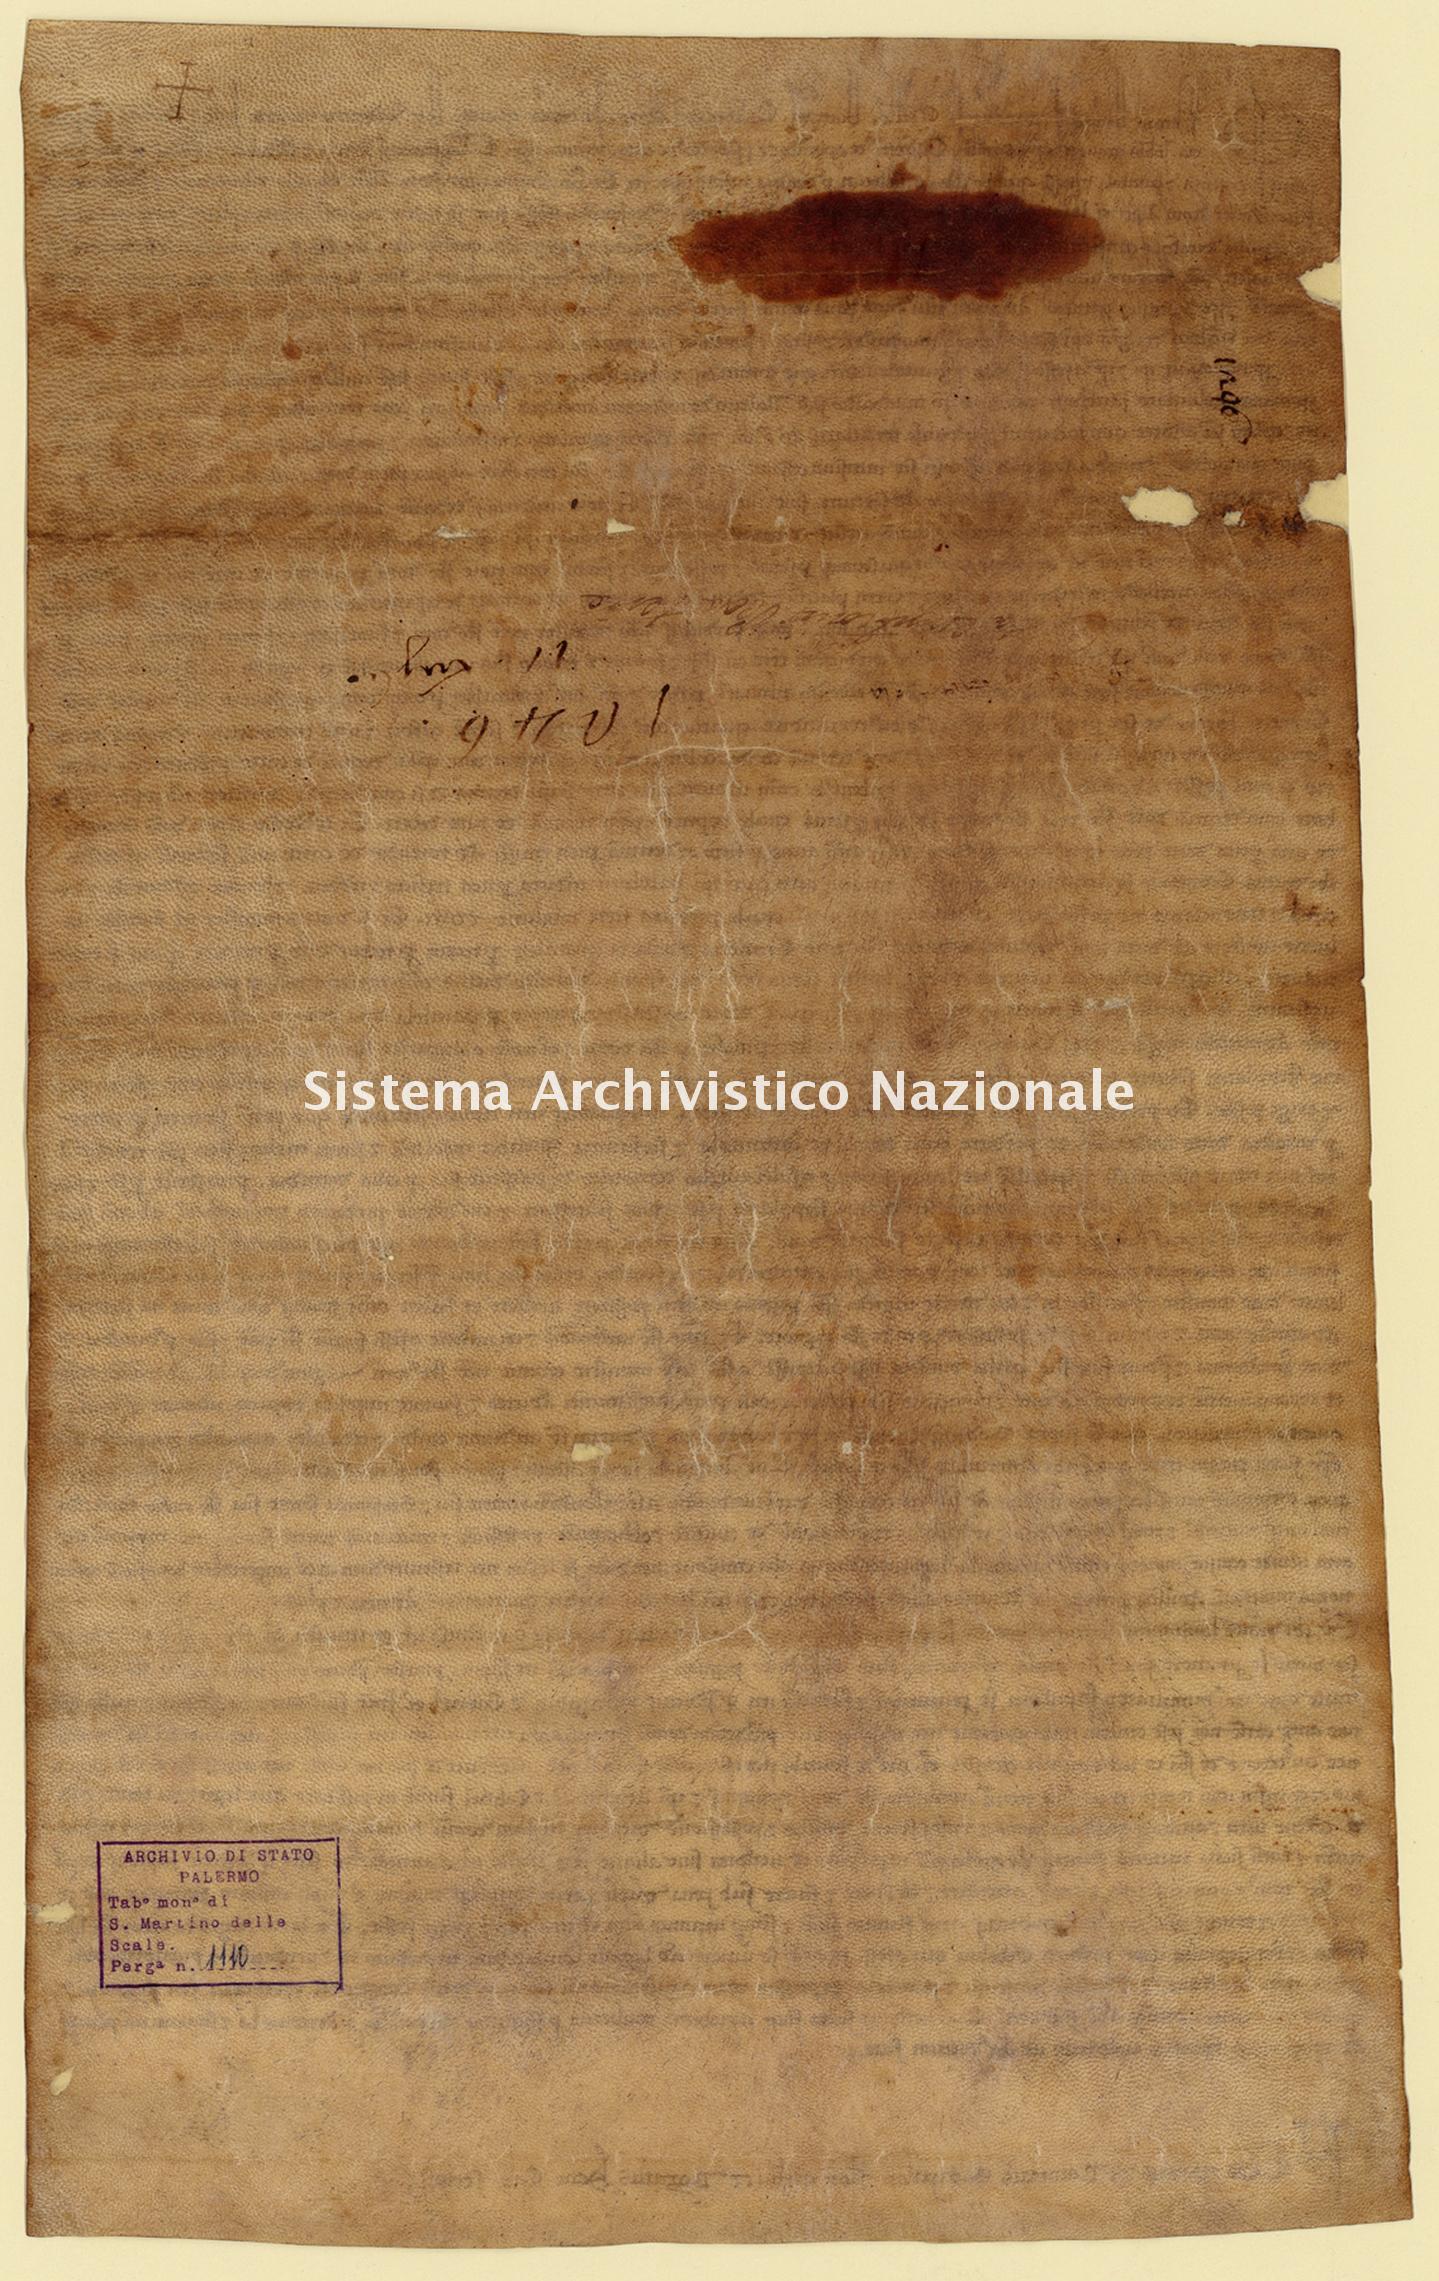 Archivio di Stato di Palermo, Diplomatico, Tabulario del monastero di San Martino delle Scale, Pergamena TSMS 1110